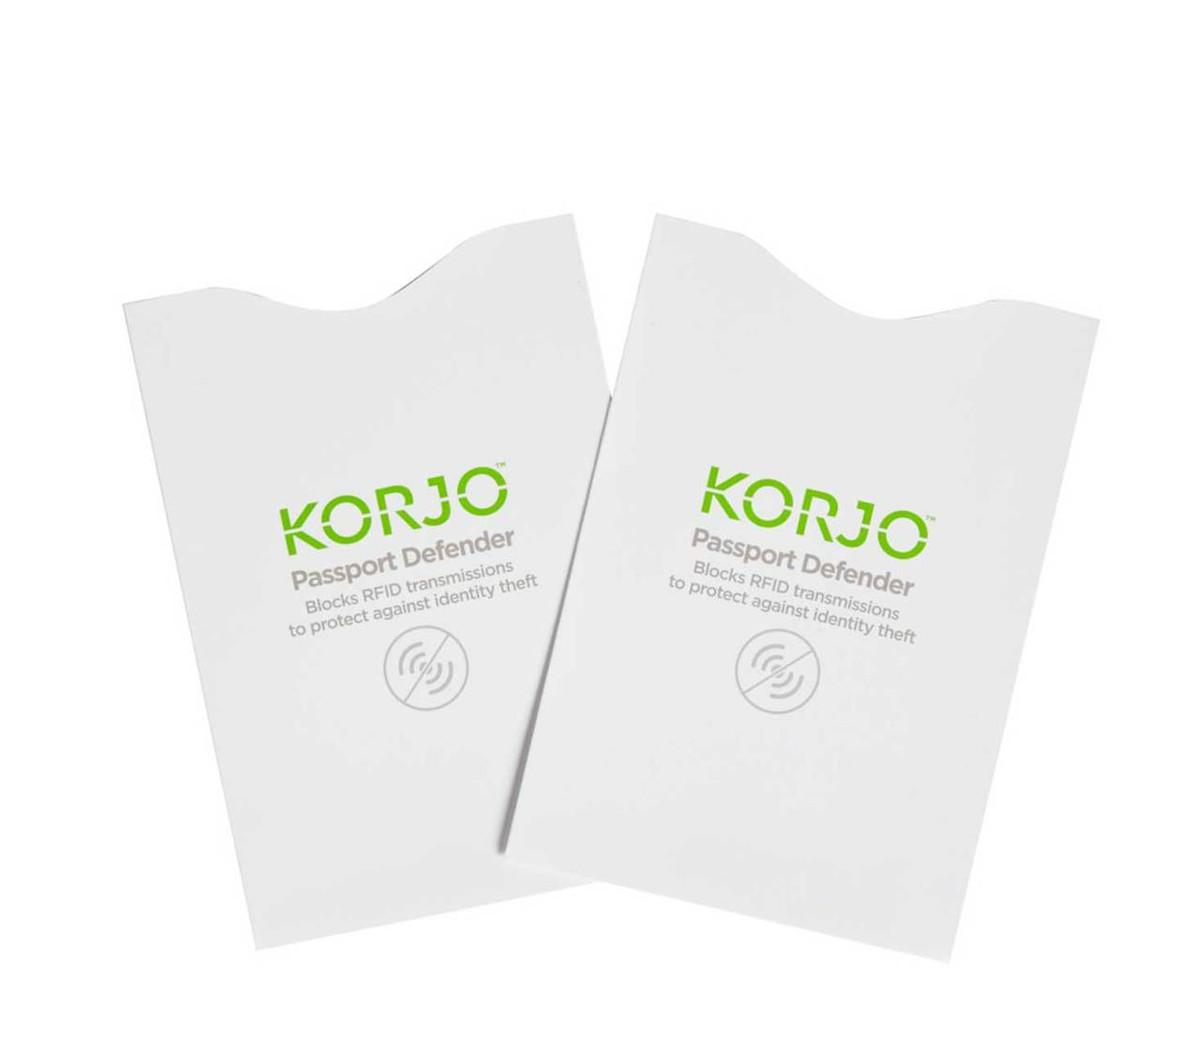 Korjo RFID Passport Defender, pack of 2